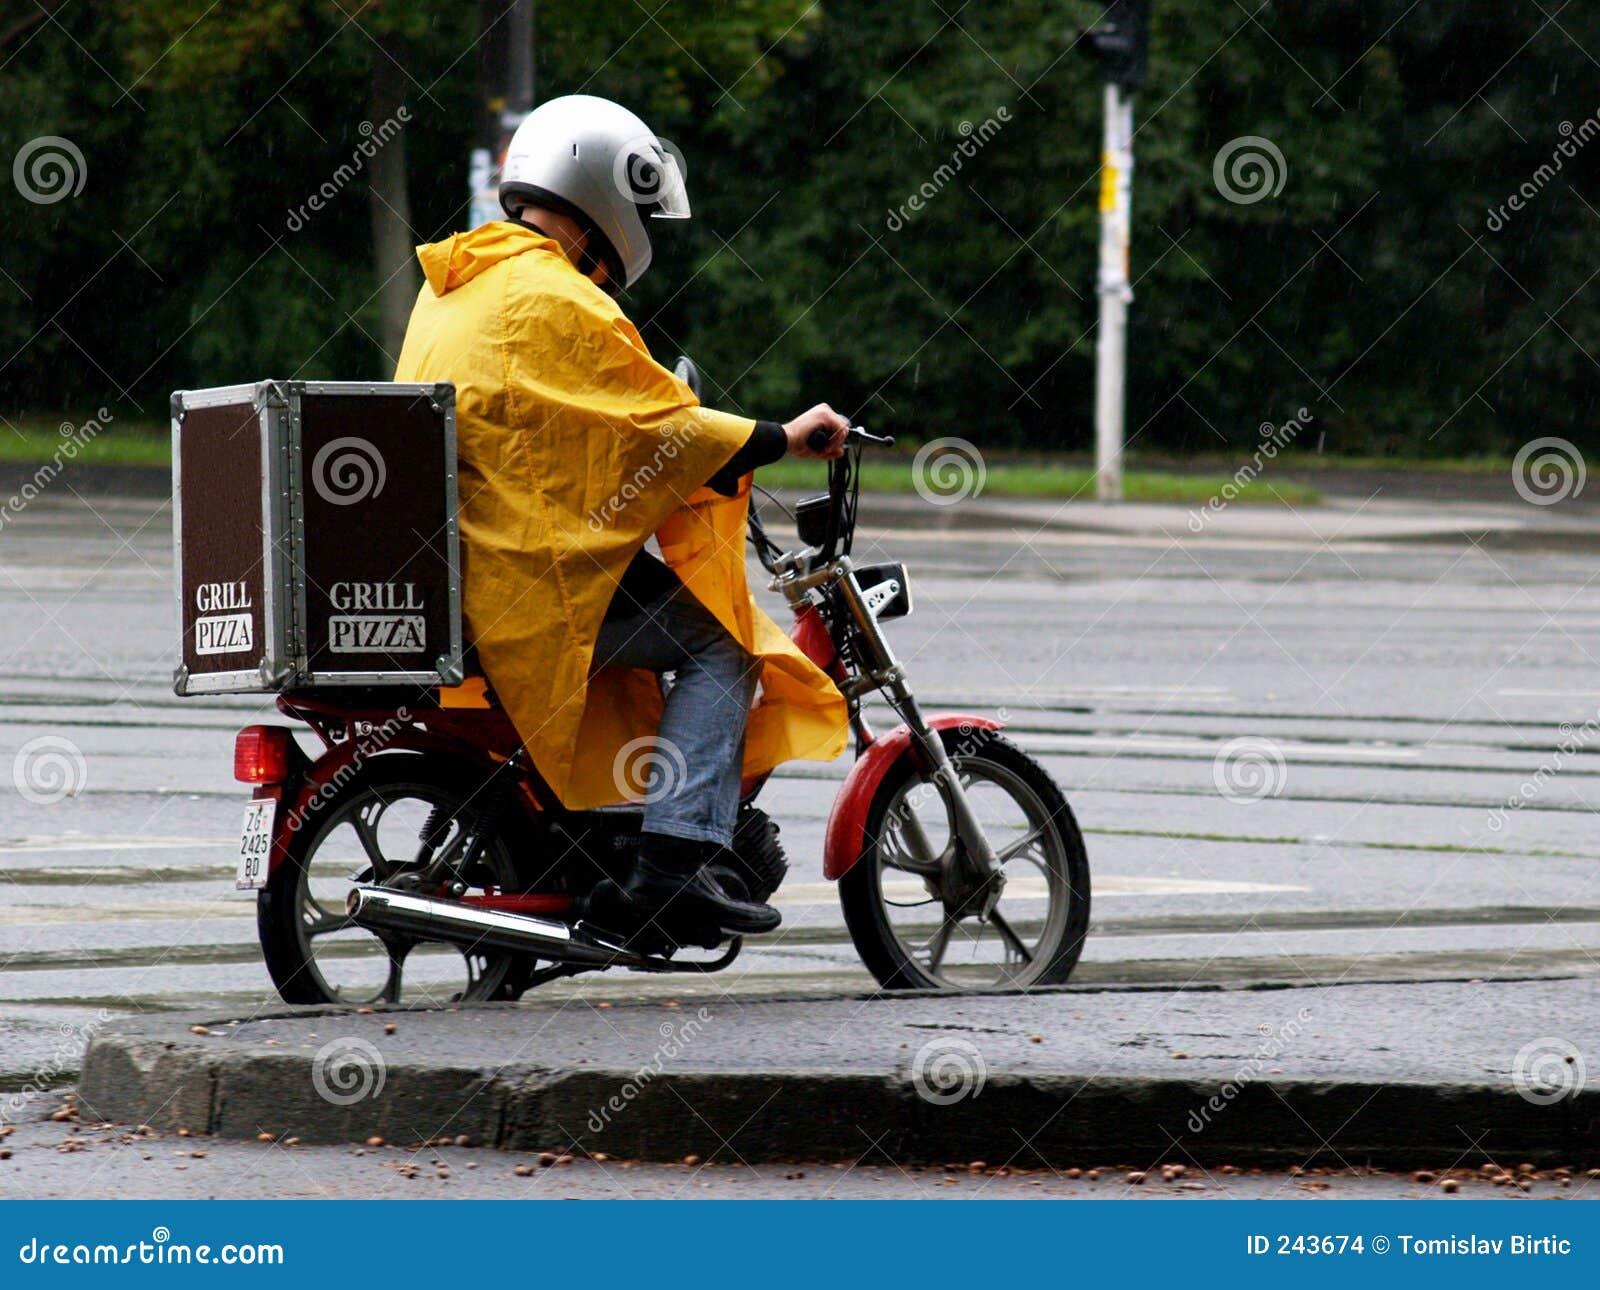 Var kan stoppat regn för leveransmannen inte